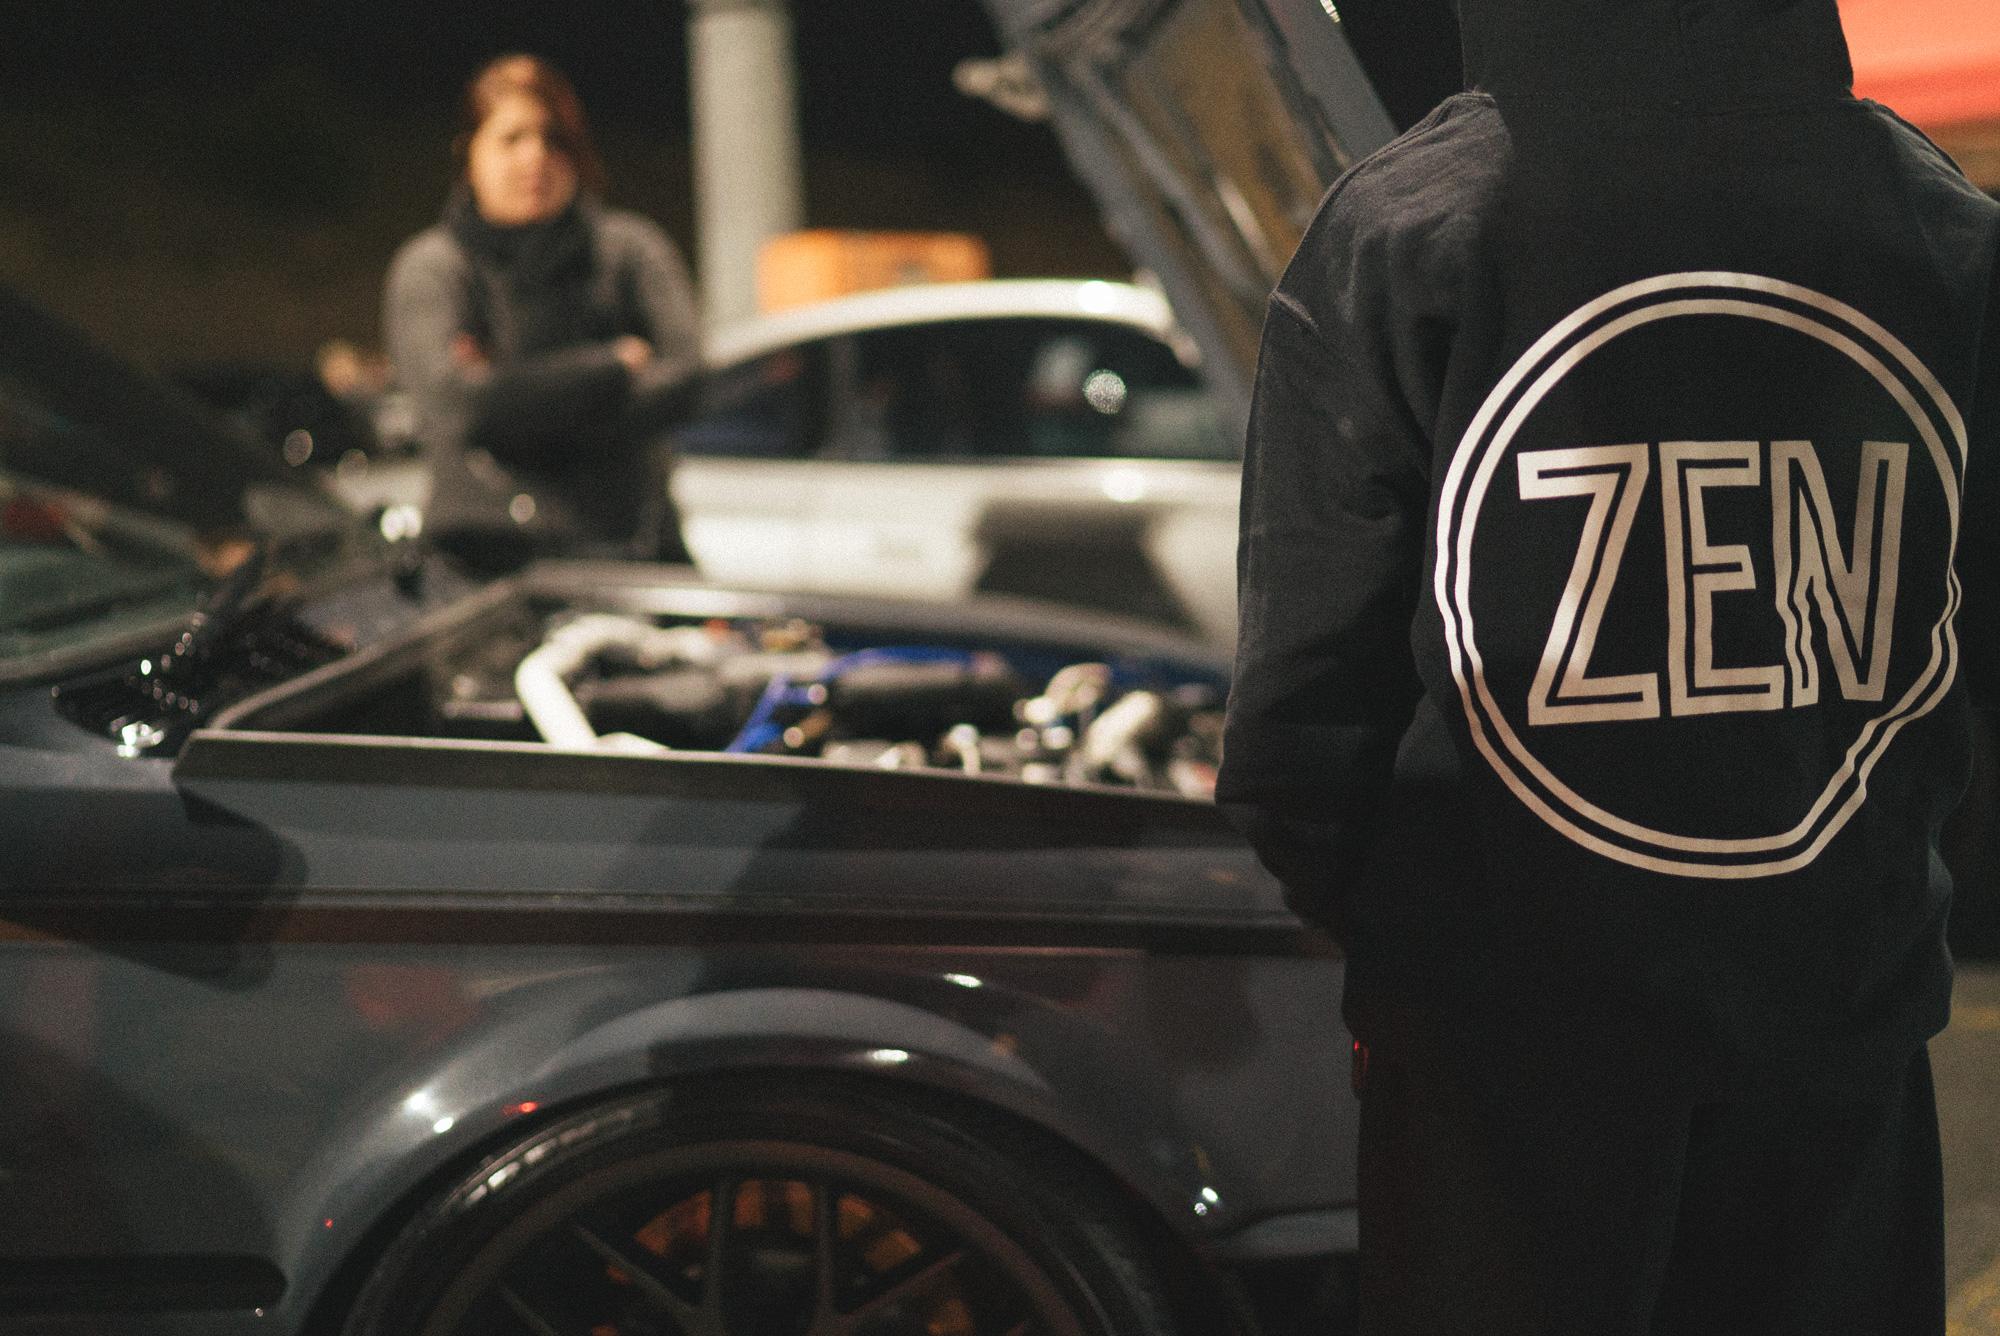 eomm_zengarage_2